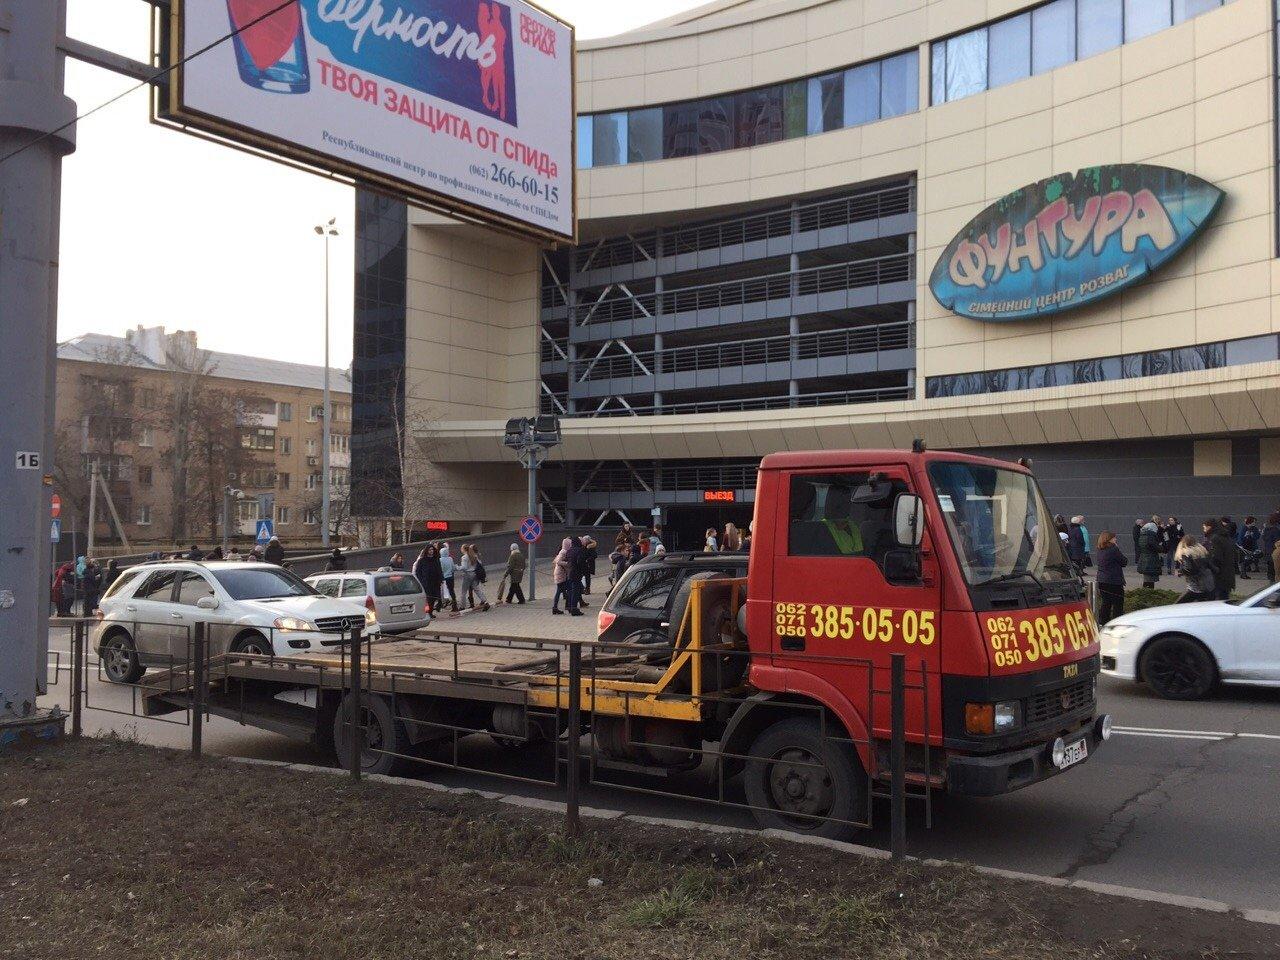 Пожар в «Донецк Сити»: персонал и посетители эвакуированы, - ФОТО, фото-1